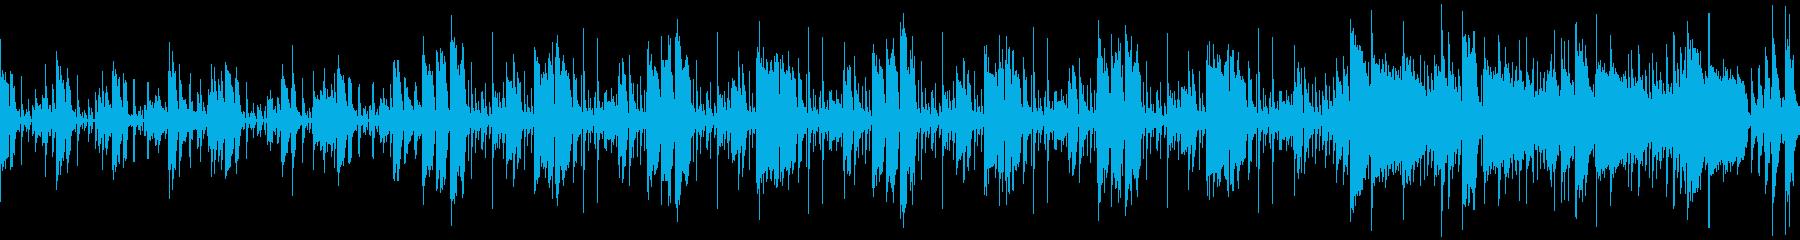 緊張感のあるジャズ・ファンク「潜入捜査」の再生済みの波形